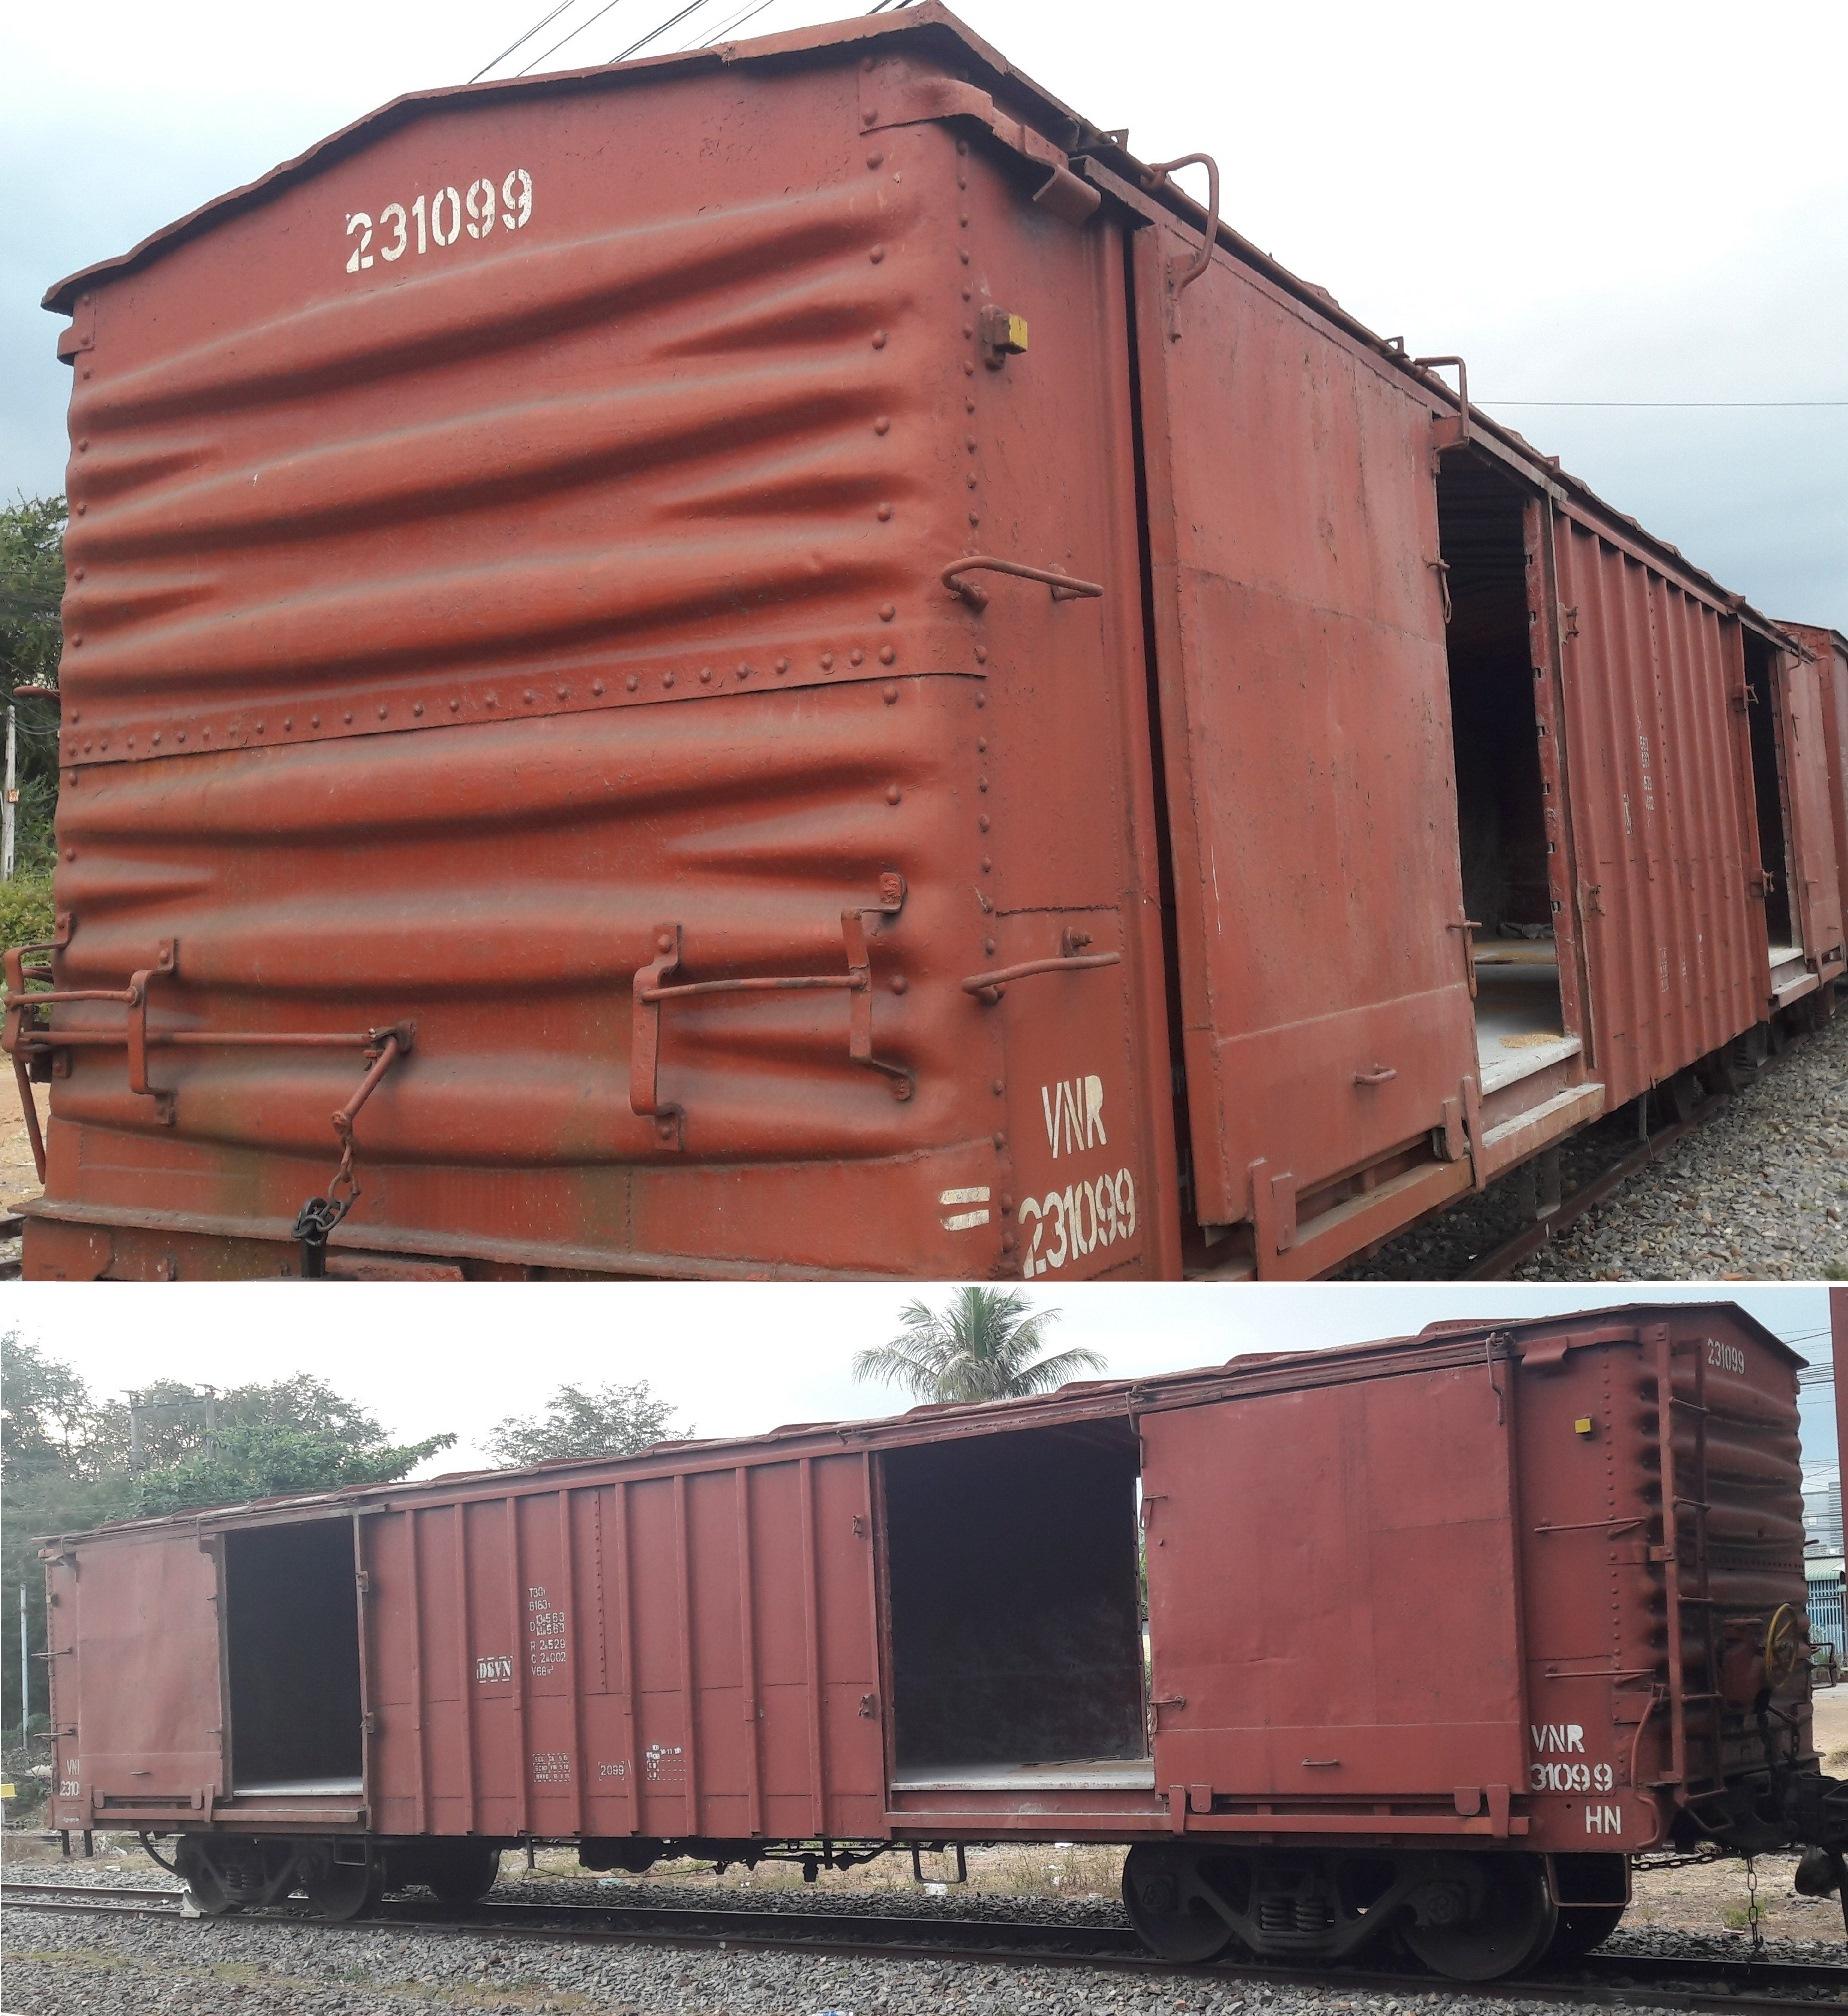 Boxcar-SVN-today-1.jpg